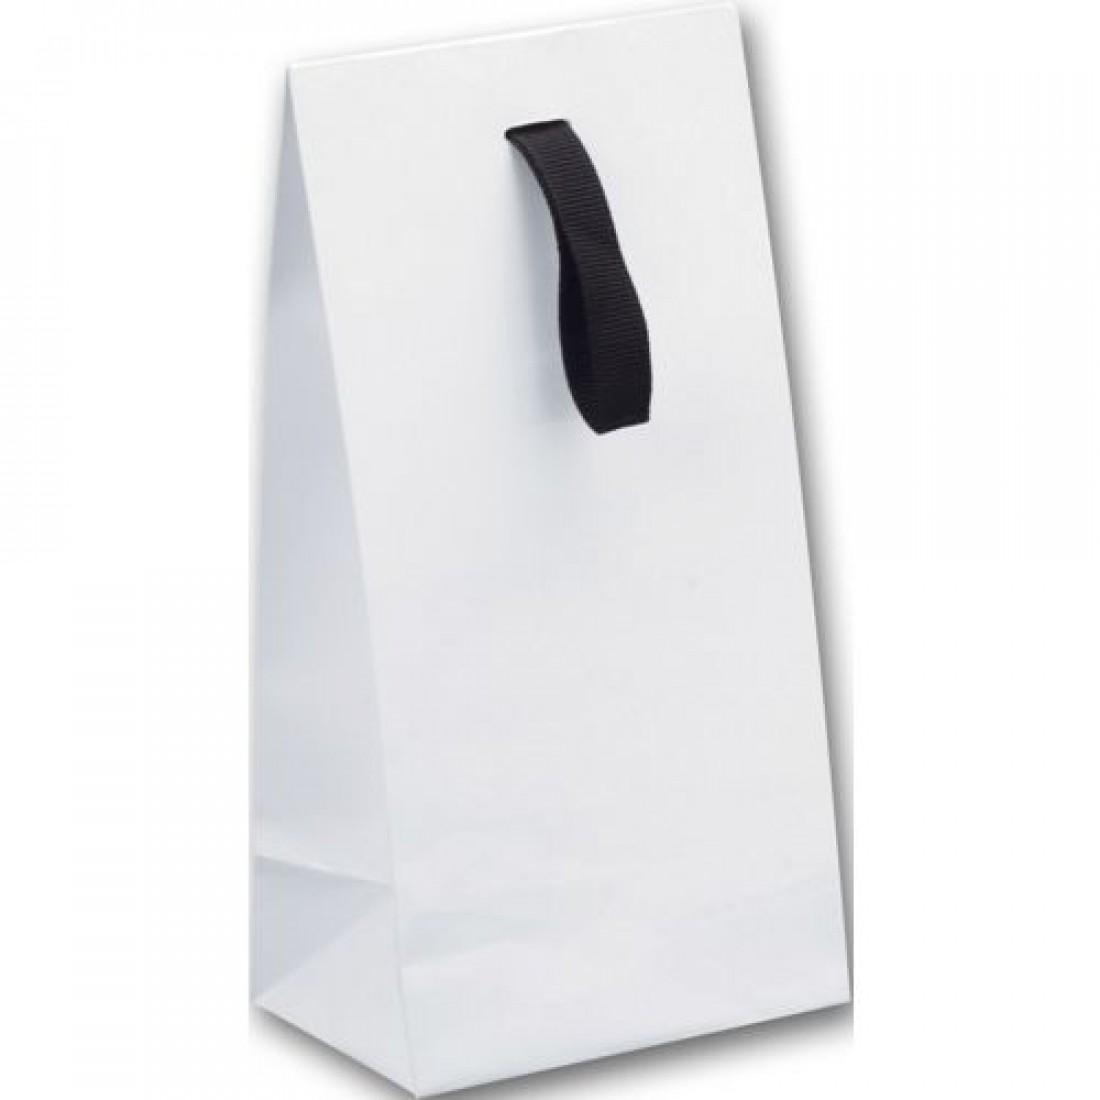 White Gift Euro Bag 4x1.5x6